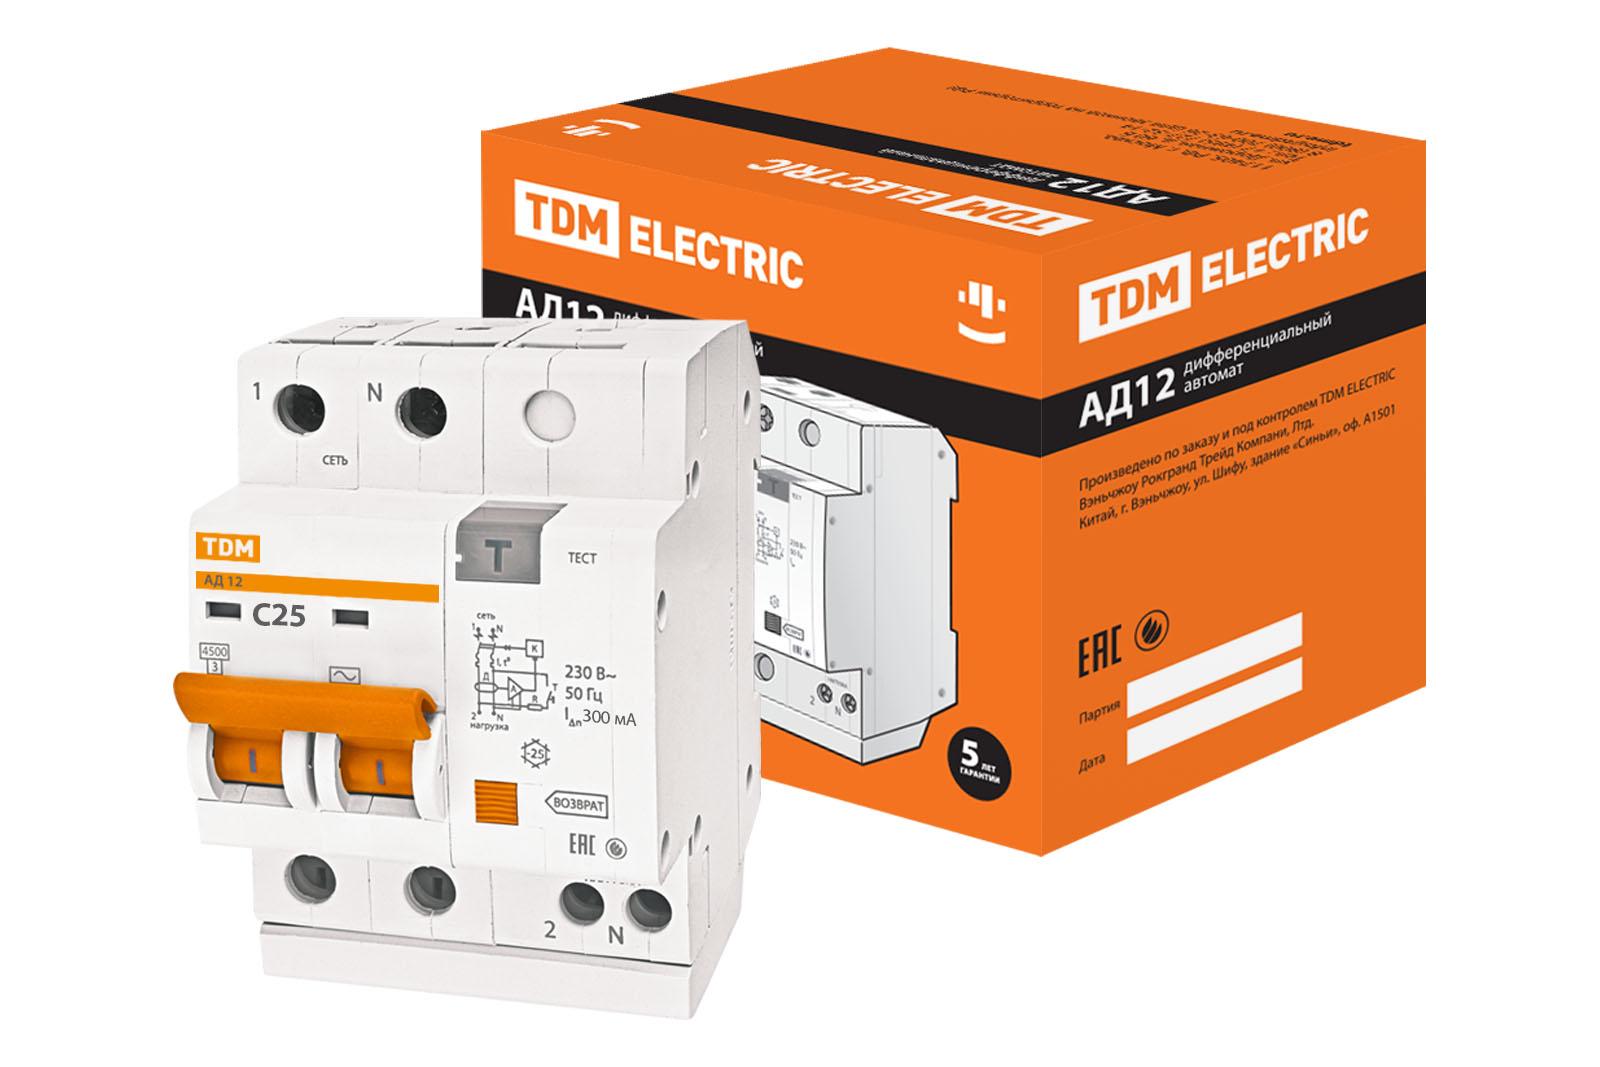 Автомат ТДМАвтоматические выключатели<br>Номинальный ток: 25,<br>Тип выключателя: автомат,<br>Номинальная отключающая способность: 0.3,<br>Степень защиты от пыли и влаги: IP 54<br>